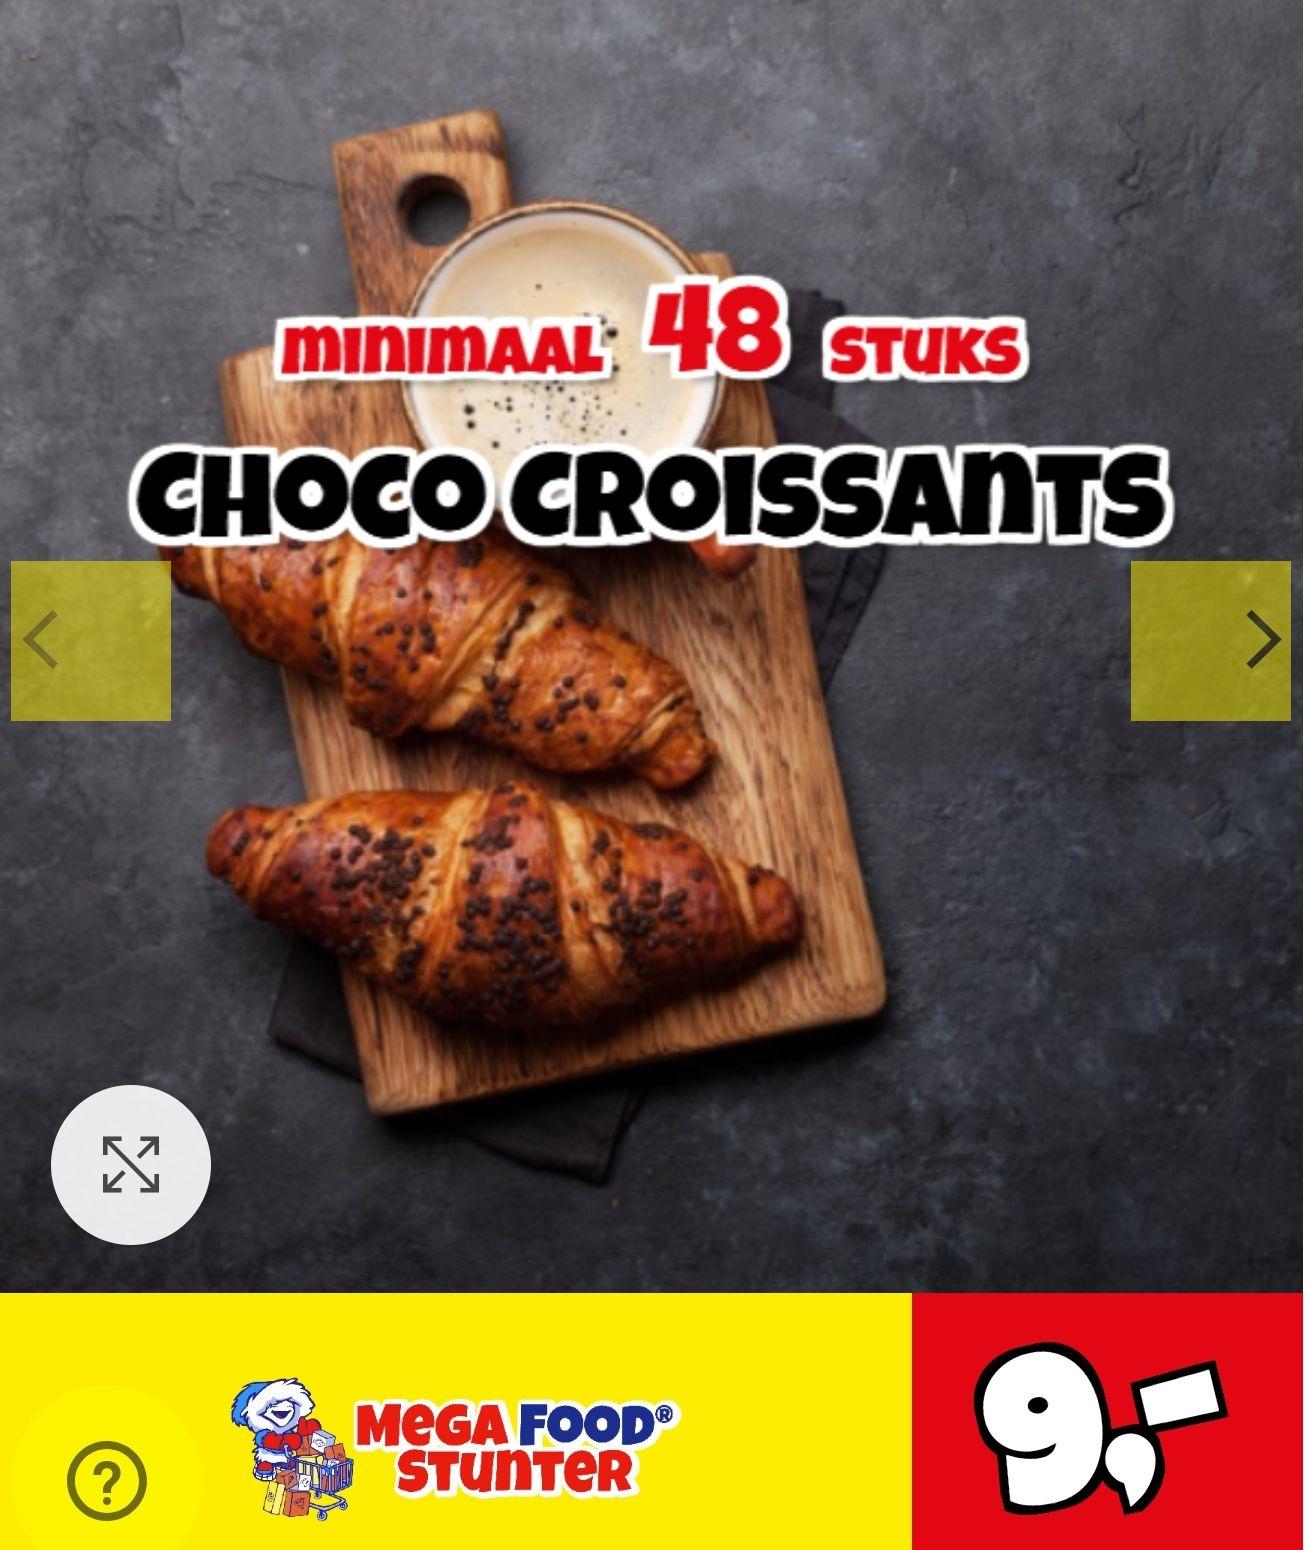 Choco Croissants 48 stuks €9,00 @ Megafoodstunter